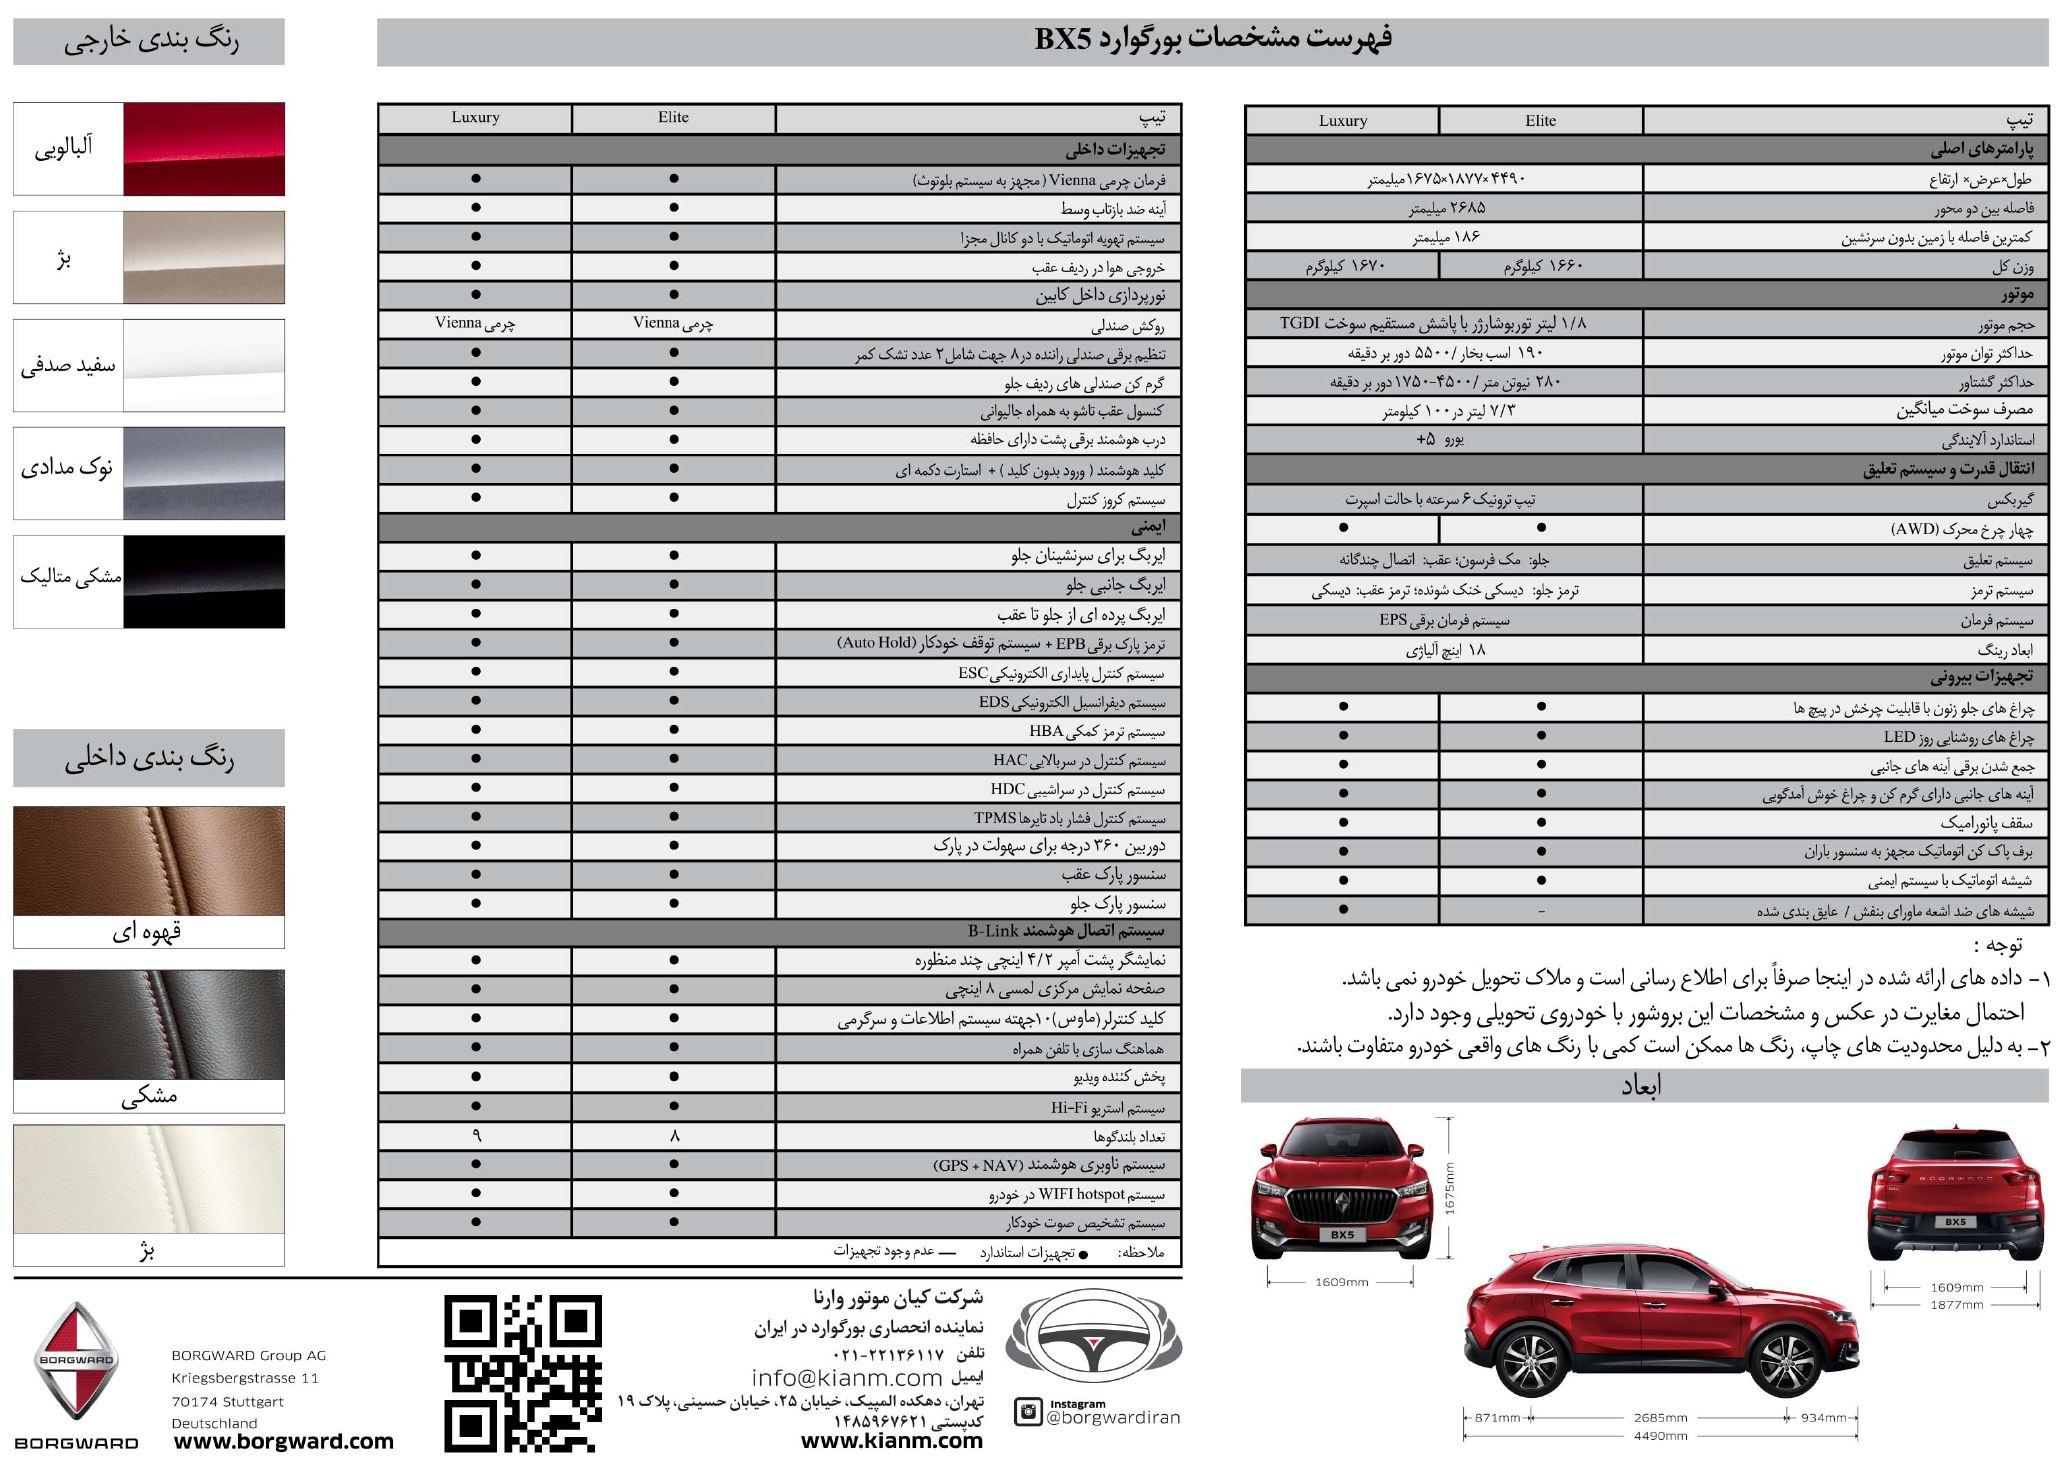 آغاز فروش بورگوارد BX5 با قیمت علی الحساب + کاتالوگ